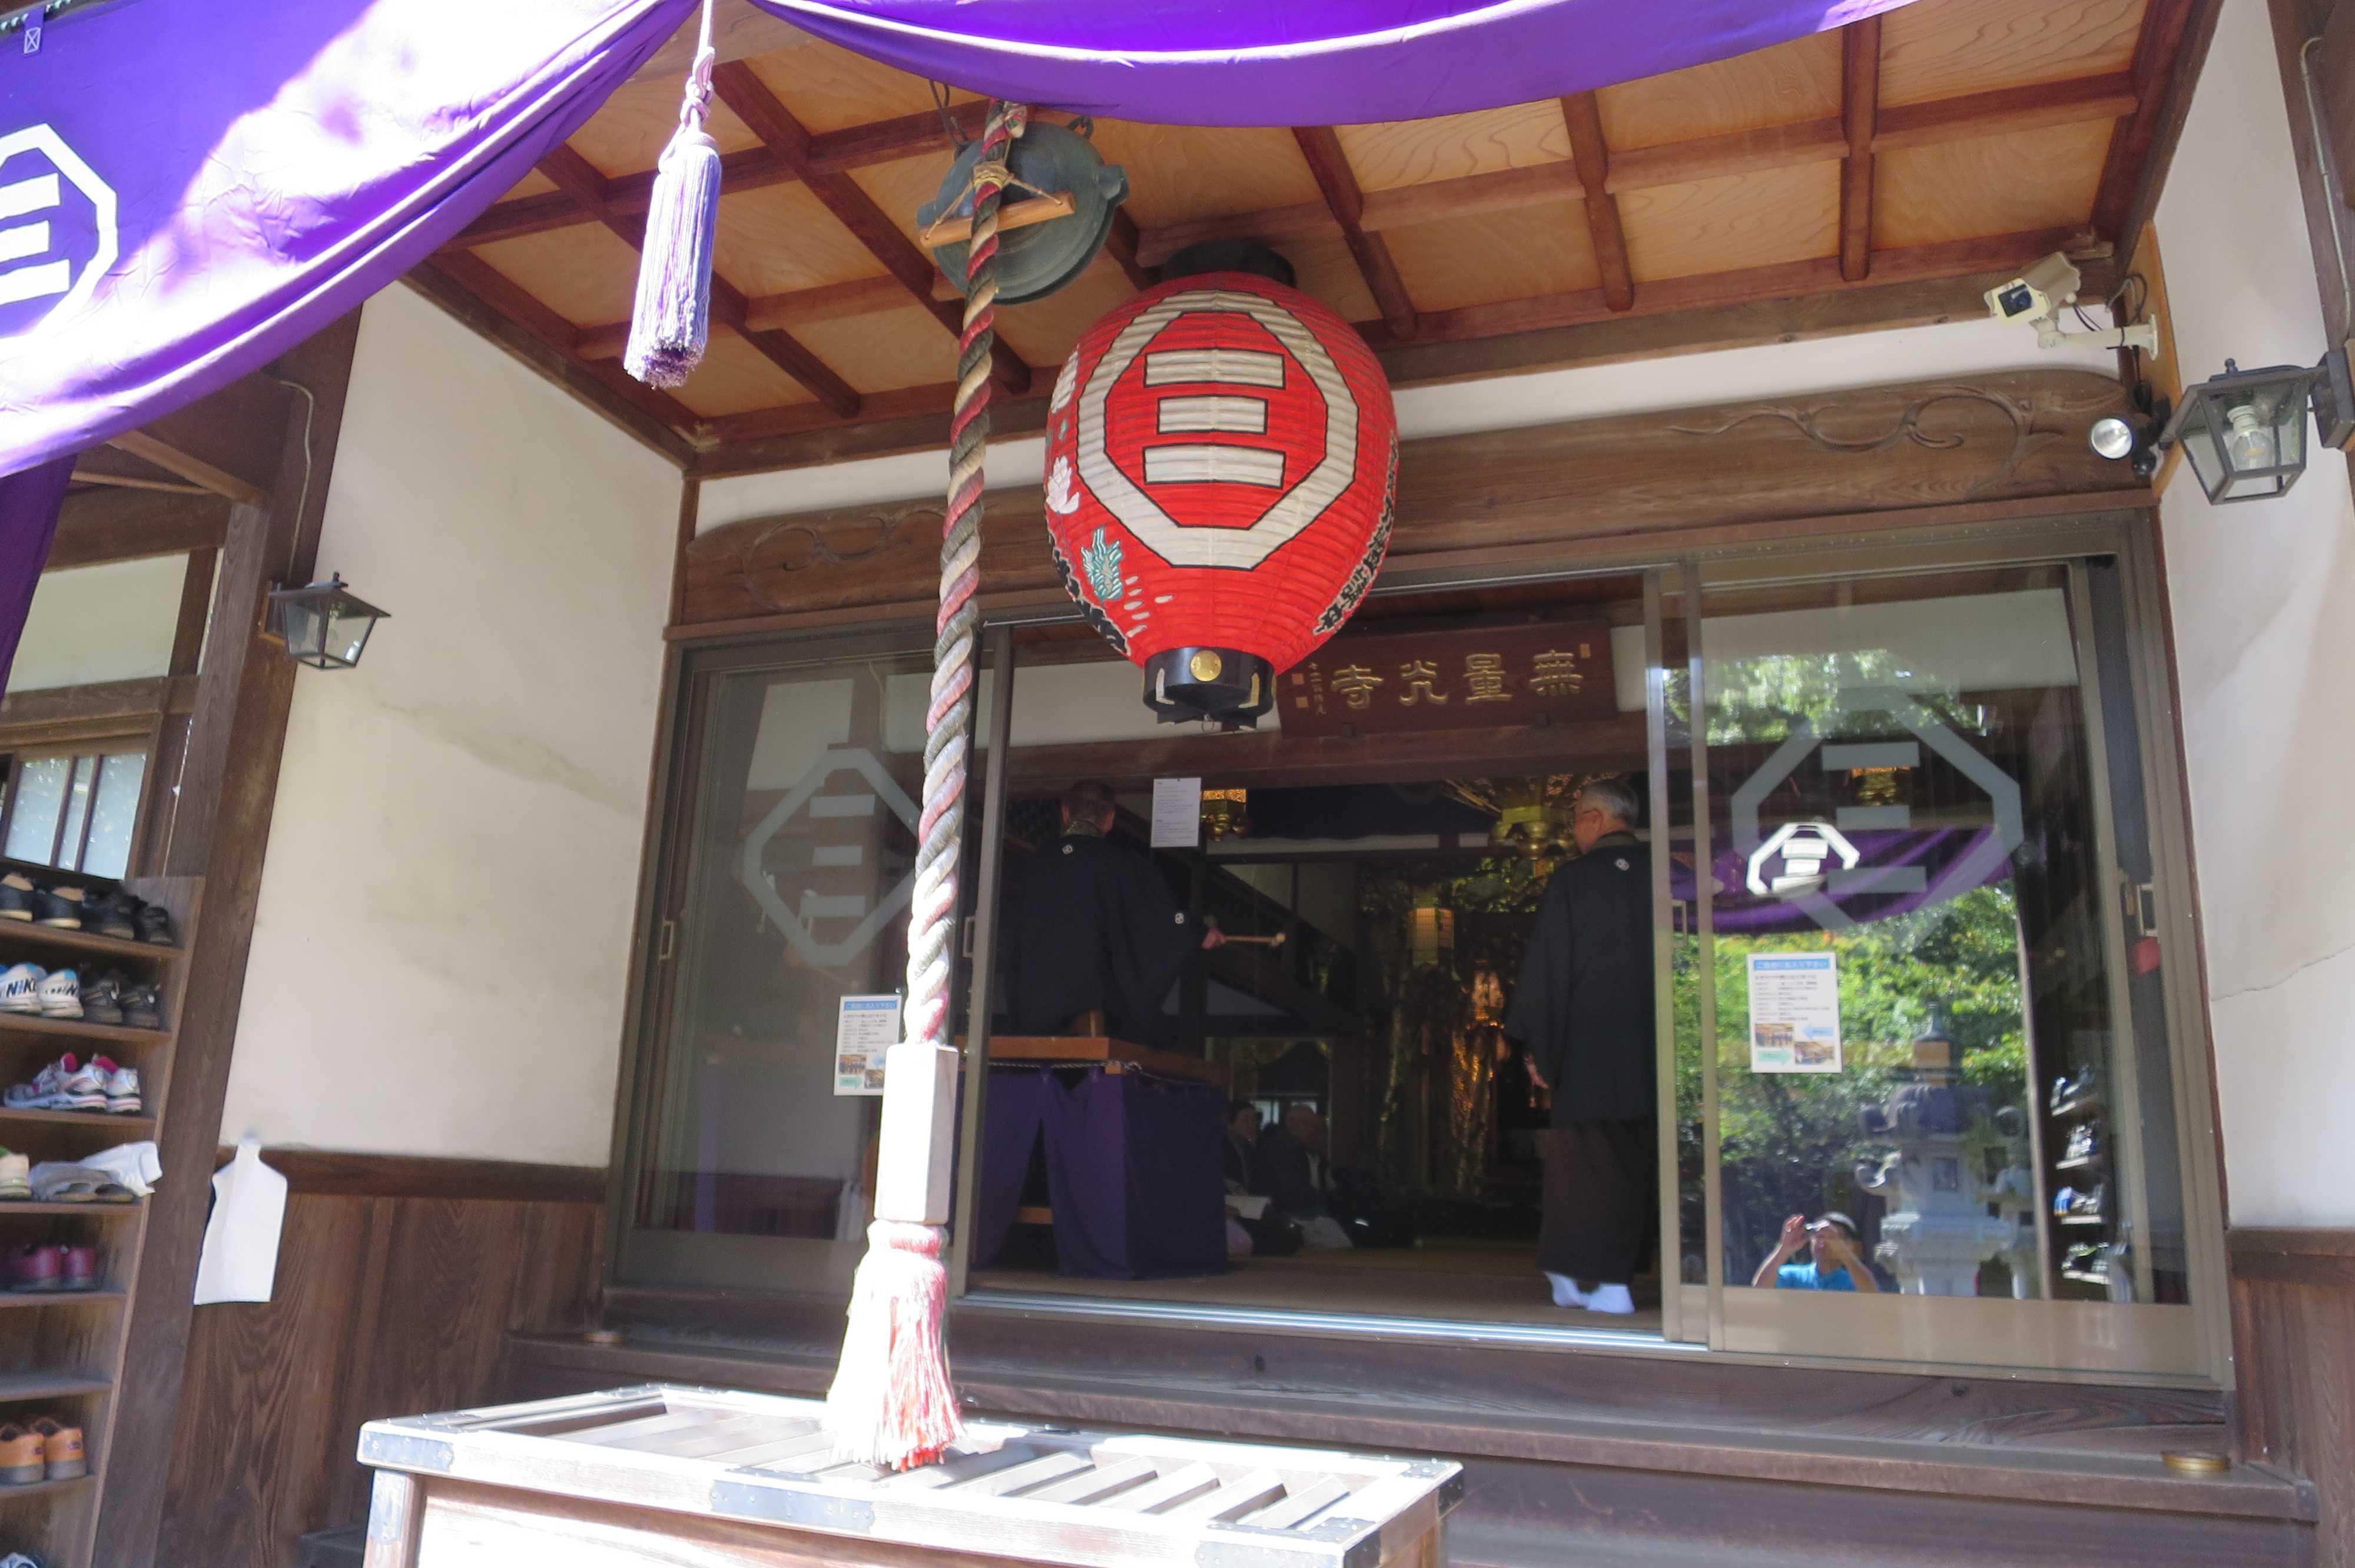 無量光寺の隅切三の赤い提灯 - 折敷に三文字紋(隅切角に三の字)